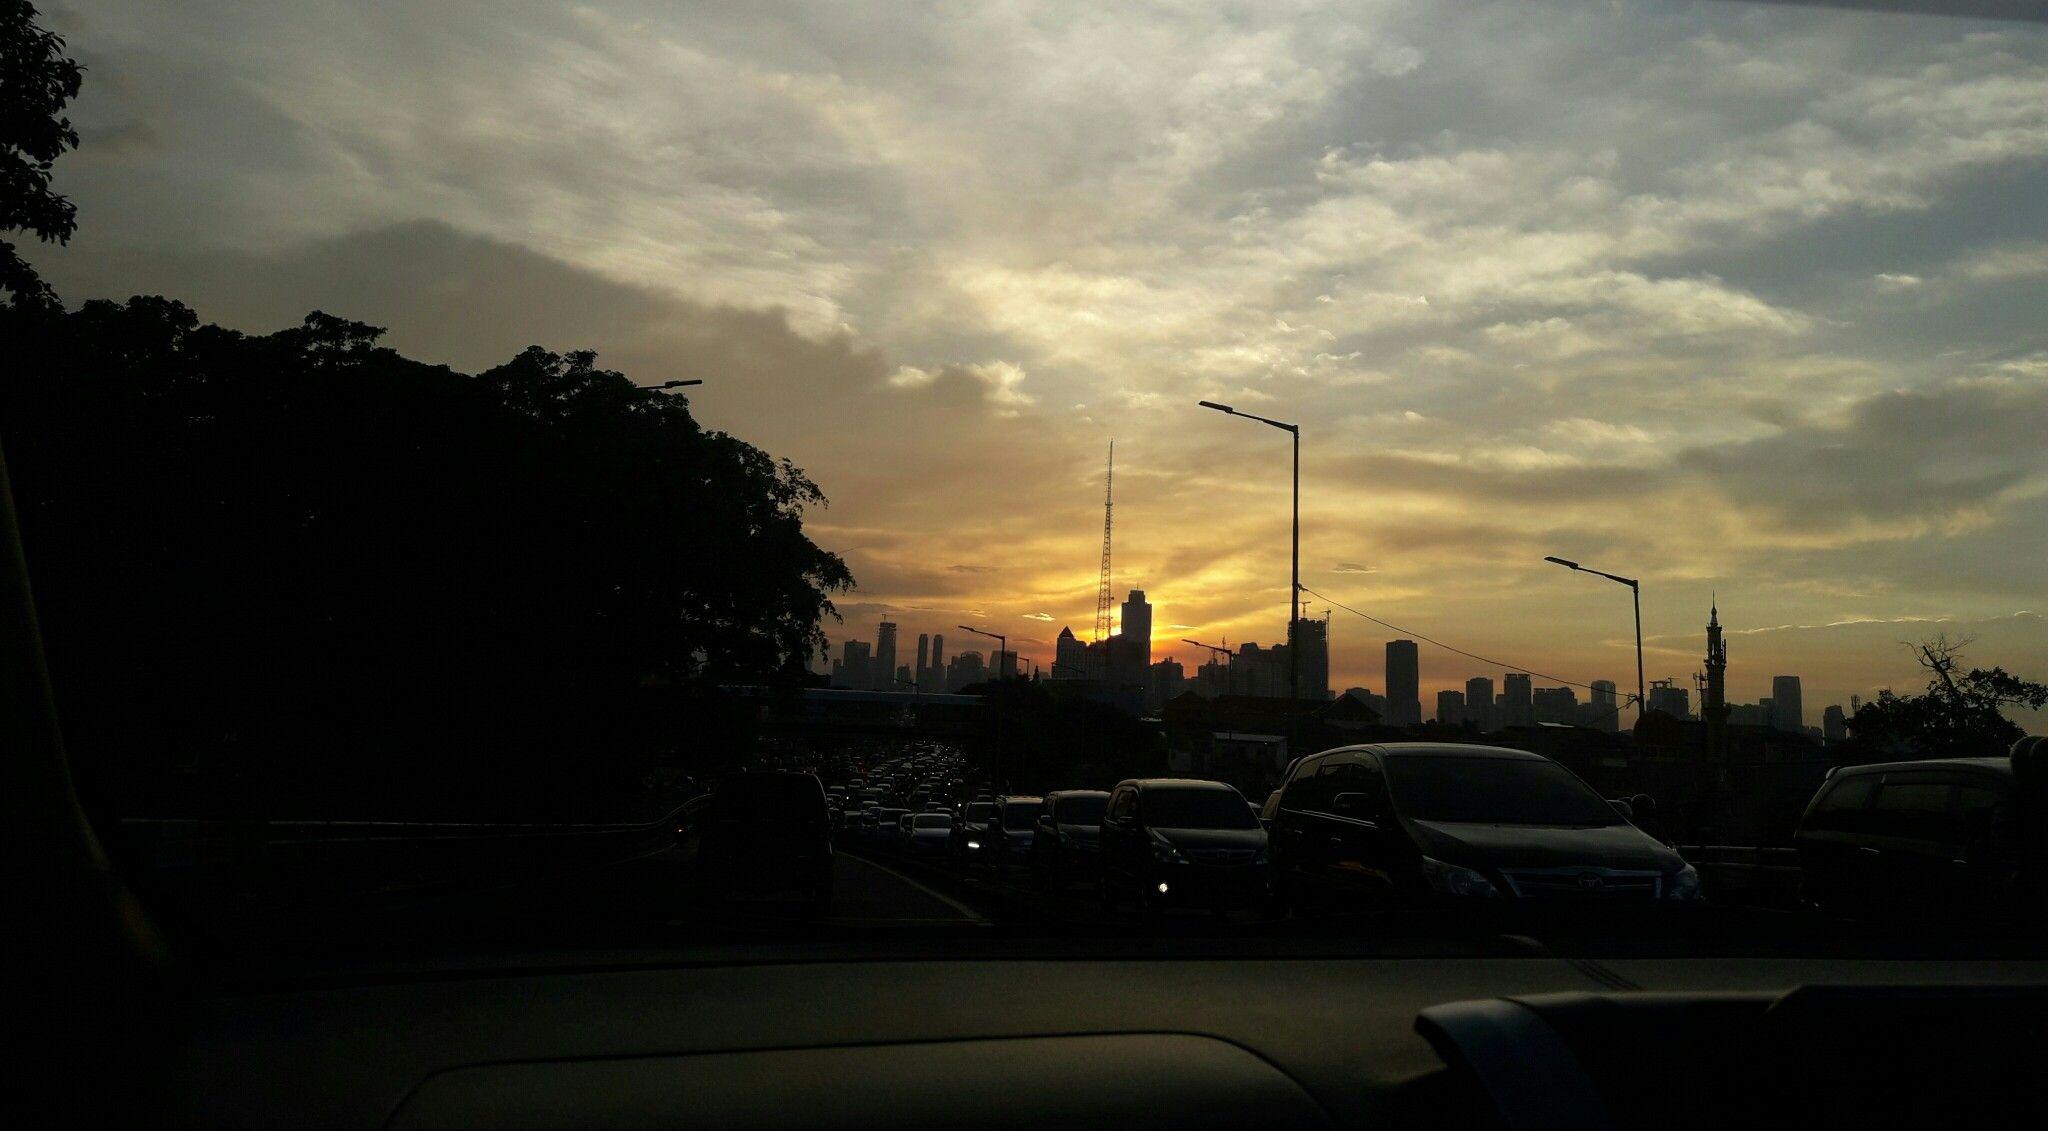 Langit Kampung Melayu di sore hari 23maret2018 Langit, Awan